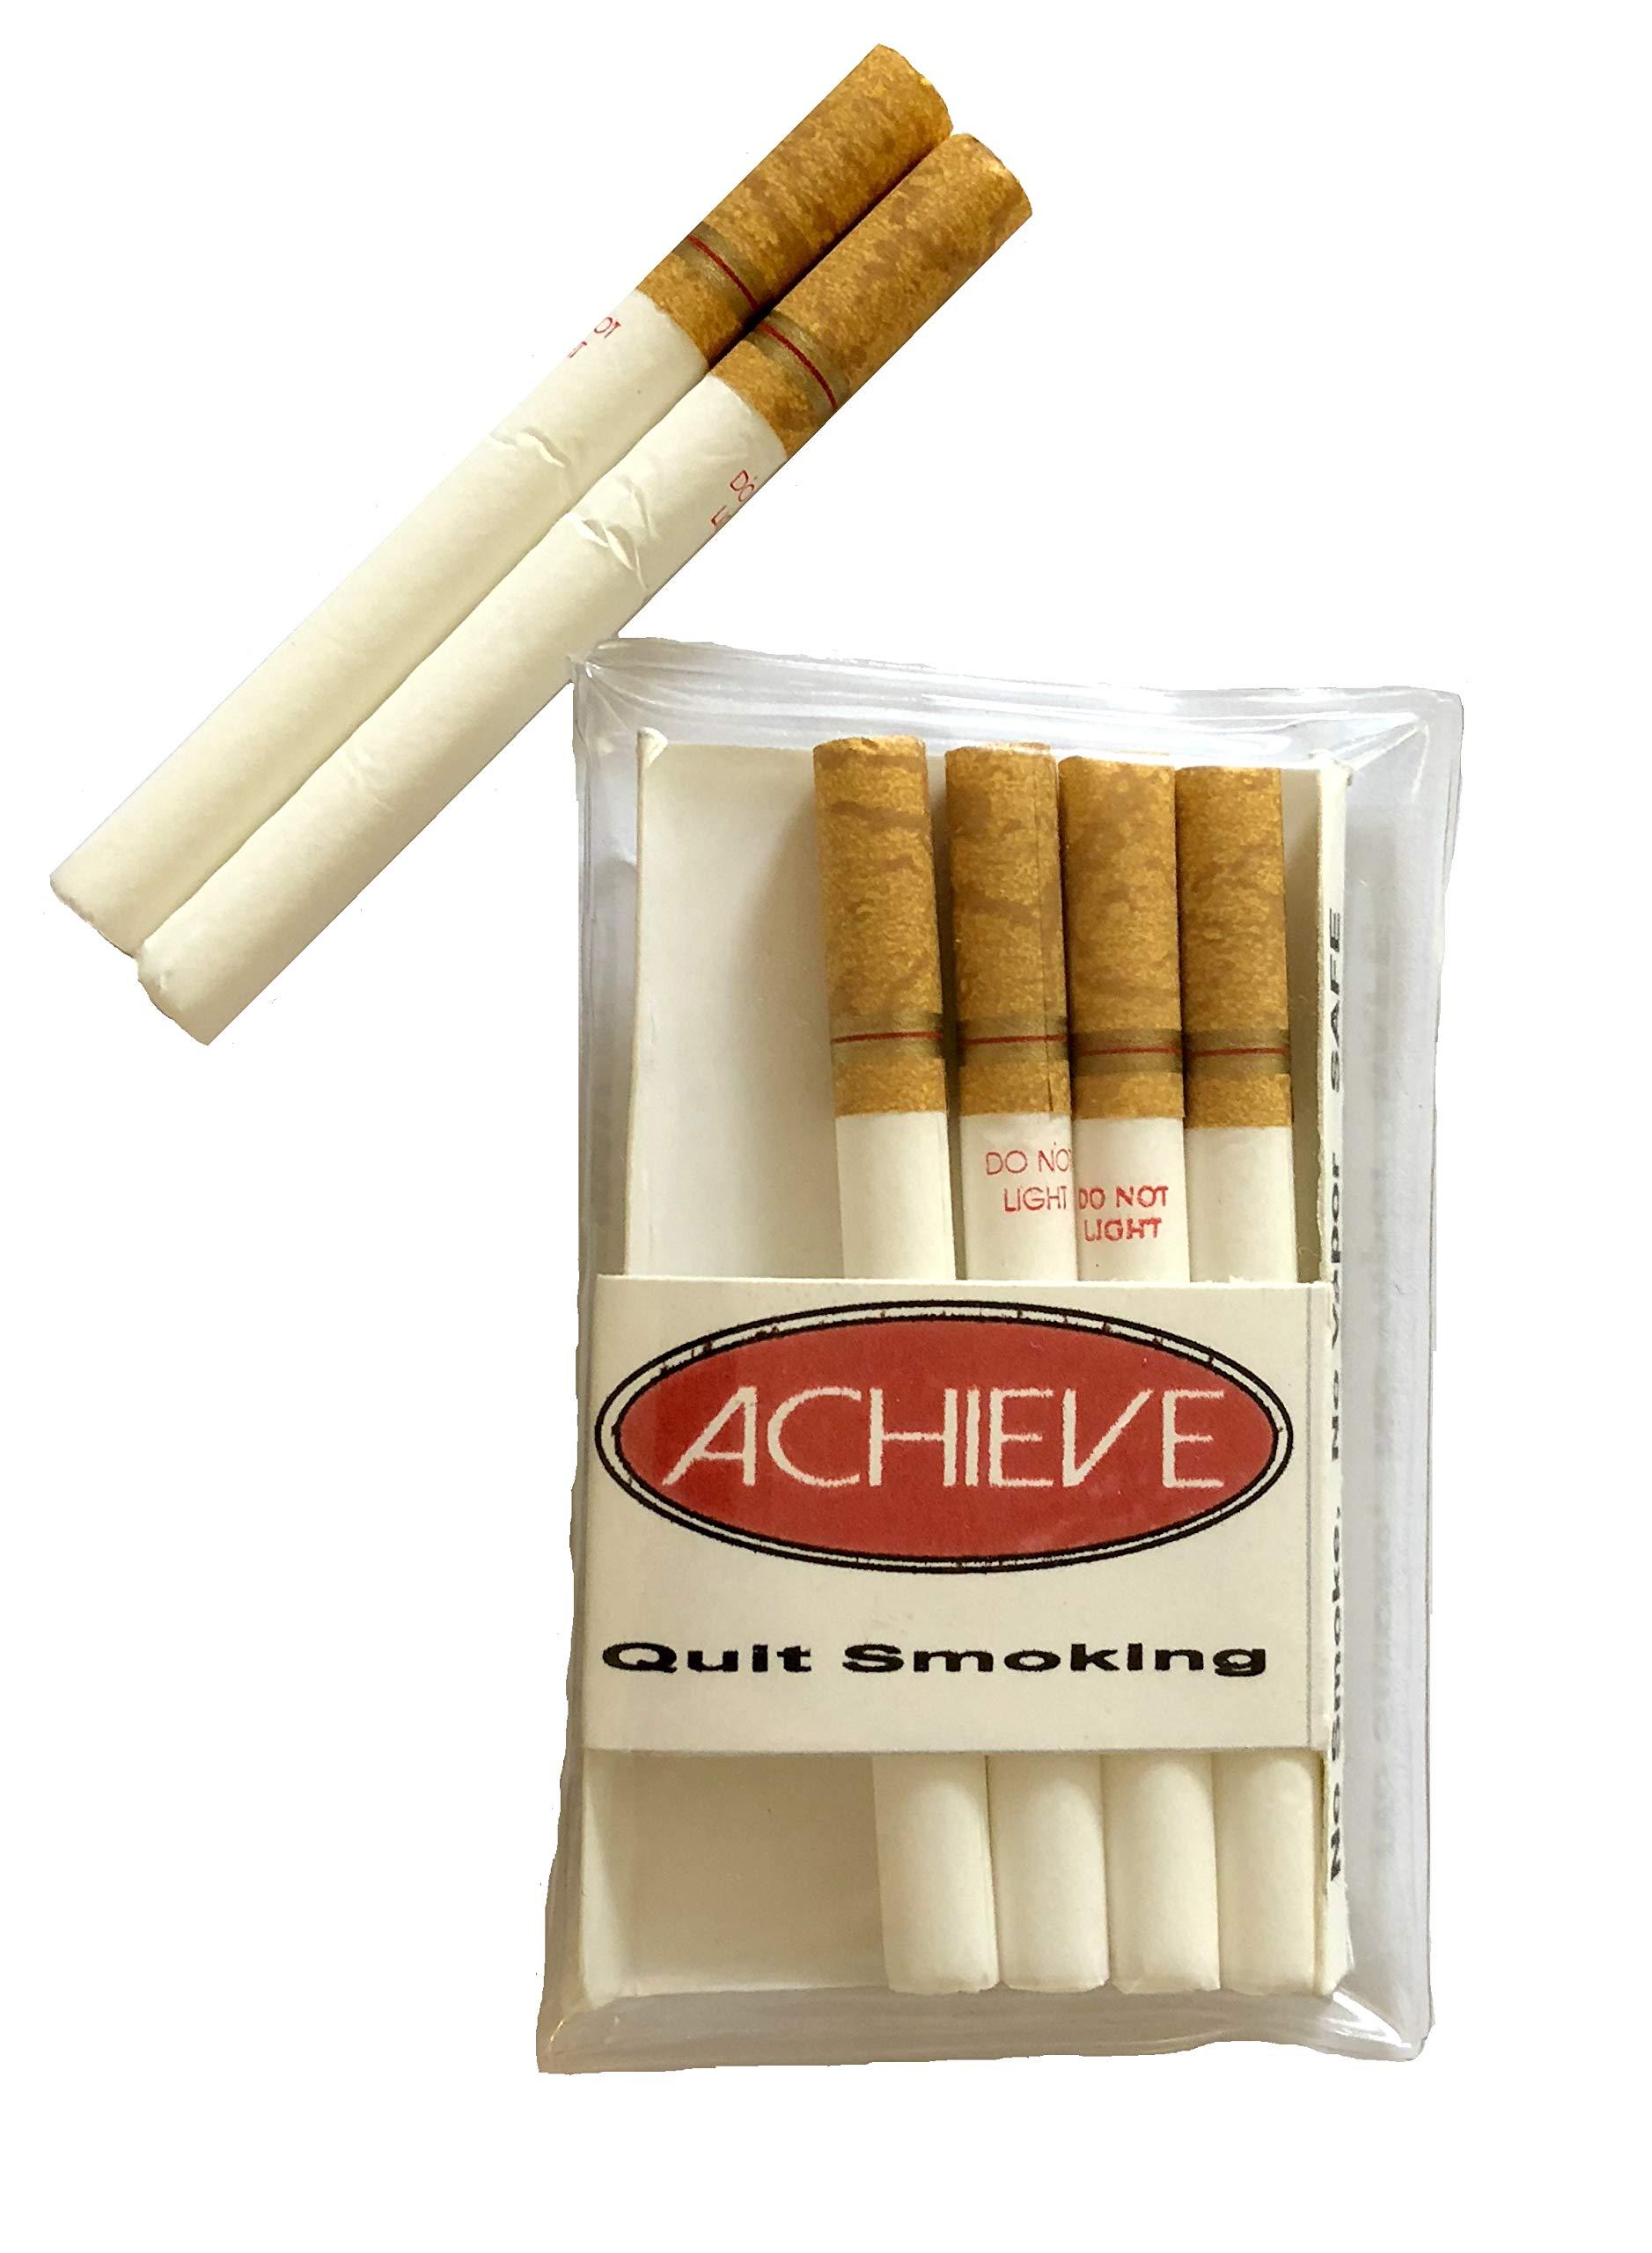 Smoking fake cigarette